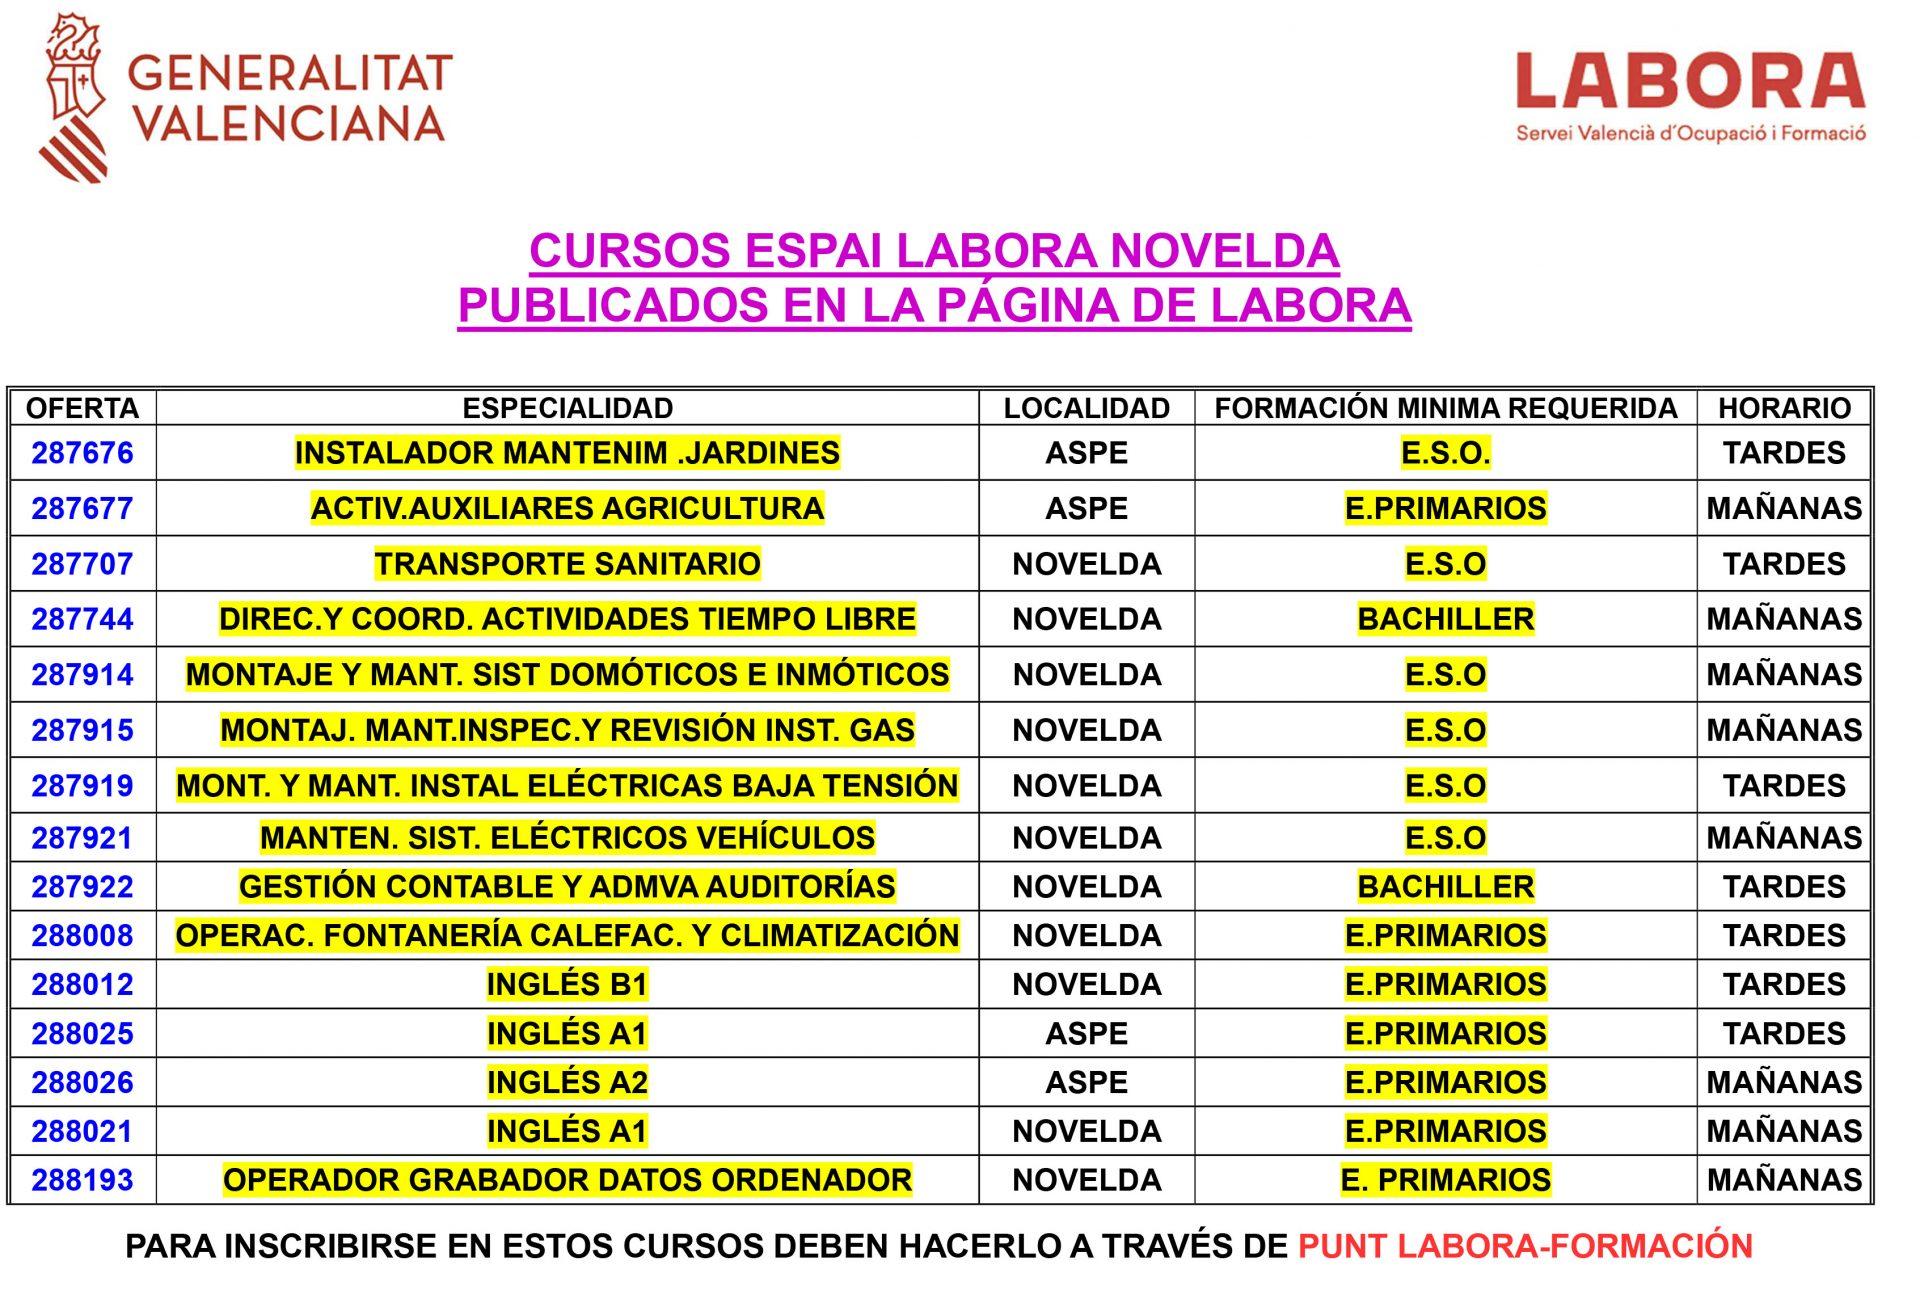 NUEVOS CURSOS EN LABORA NOVELDA